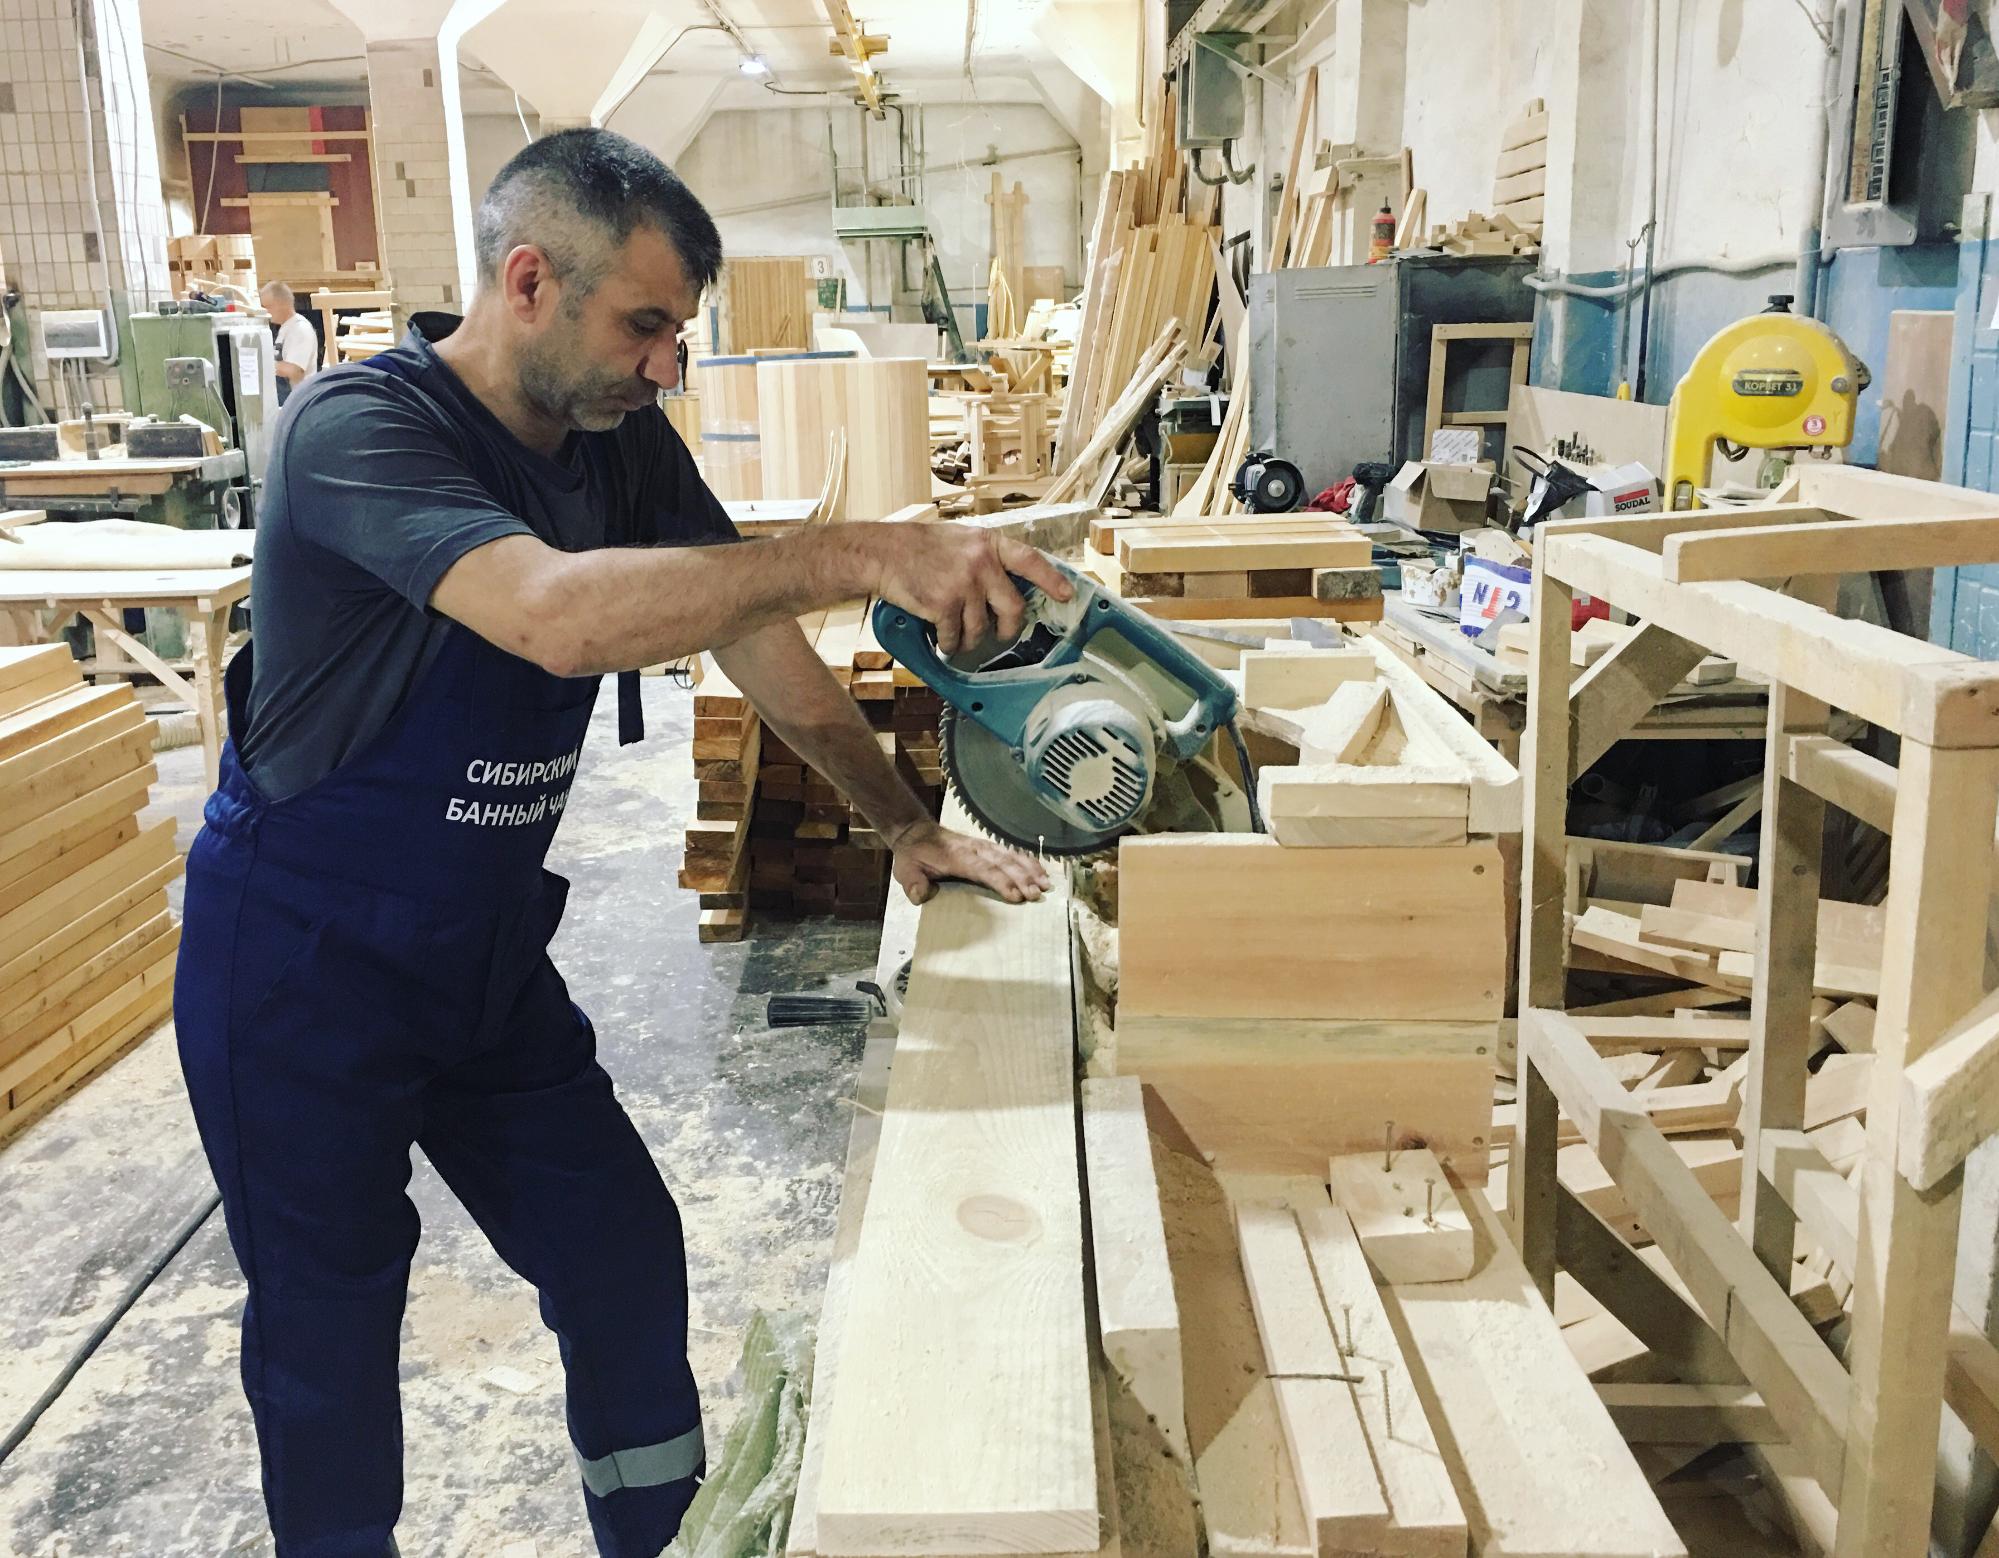 Производство «Сибирского банного чана» раскинулось по городу, утверждают бизнесмены. Деревянные части для чана делают в другом цеху в Новосибирске. Кедр для лавок и спинок бондарь-плотник возит для компании с Алтая